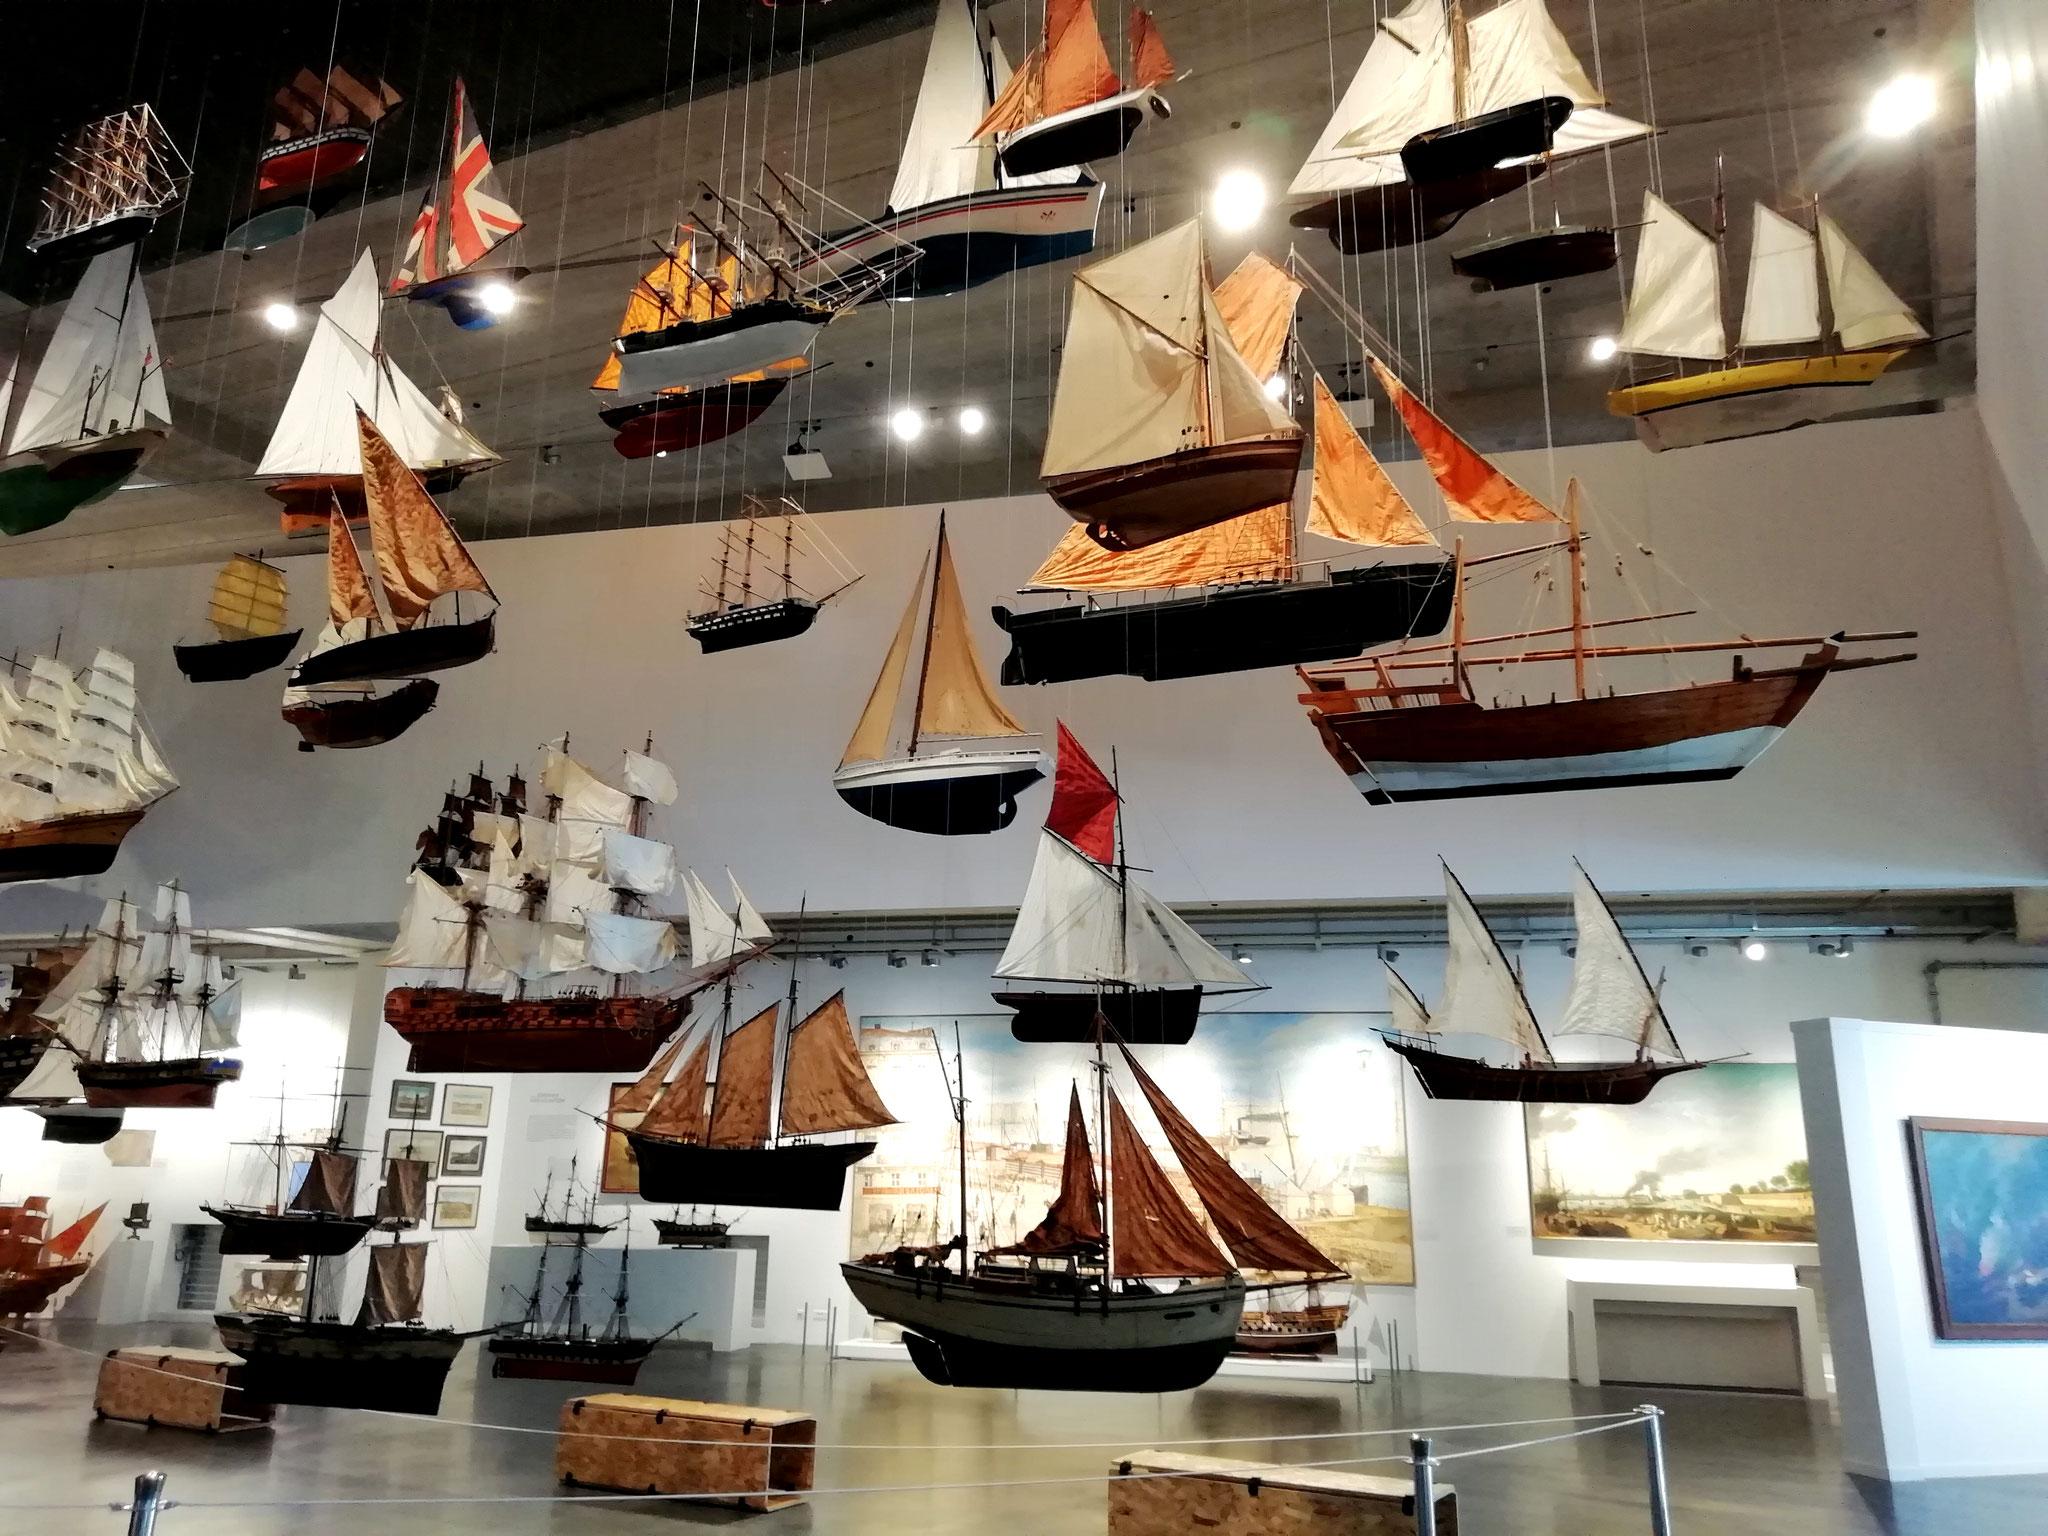 Une armada de voiliers suspendus accueille les visiteurs